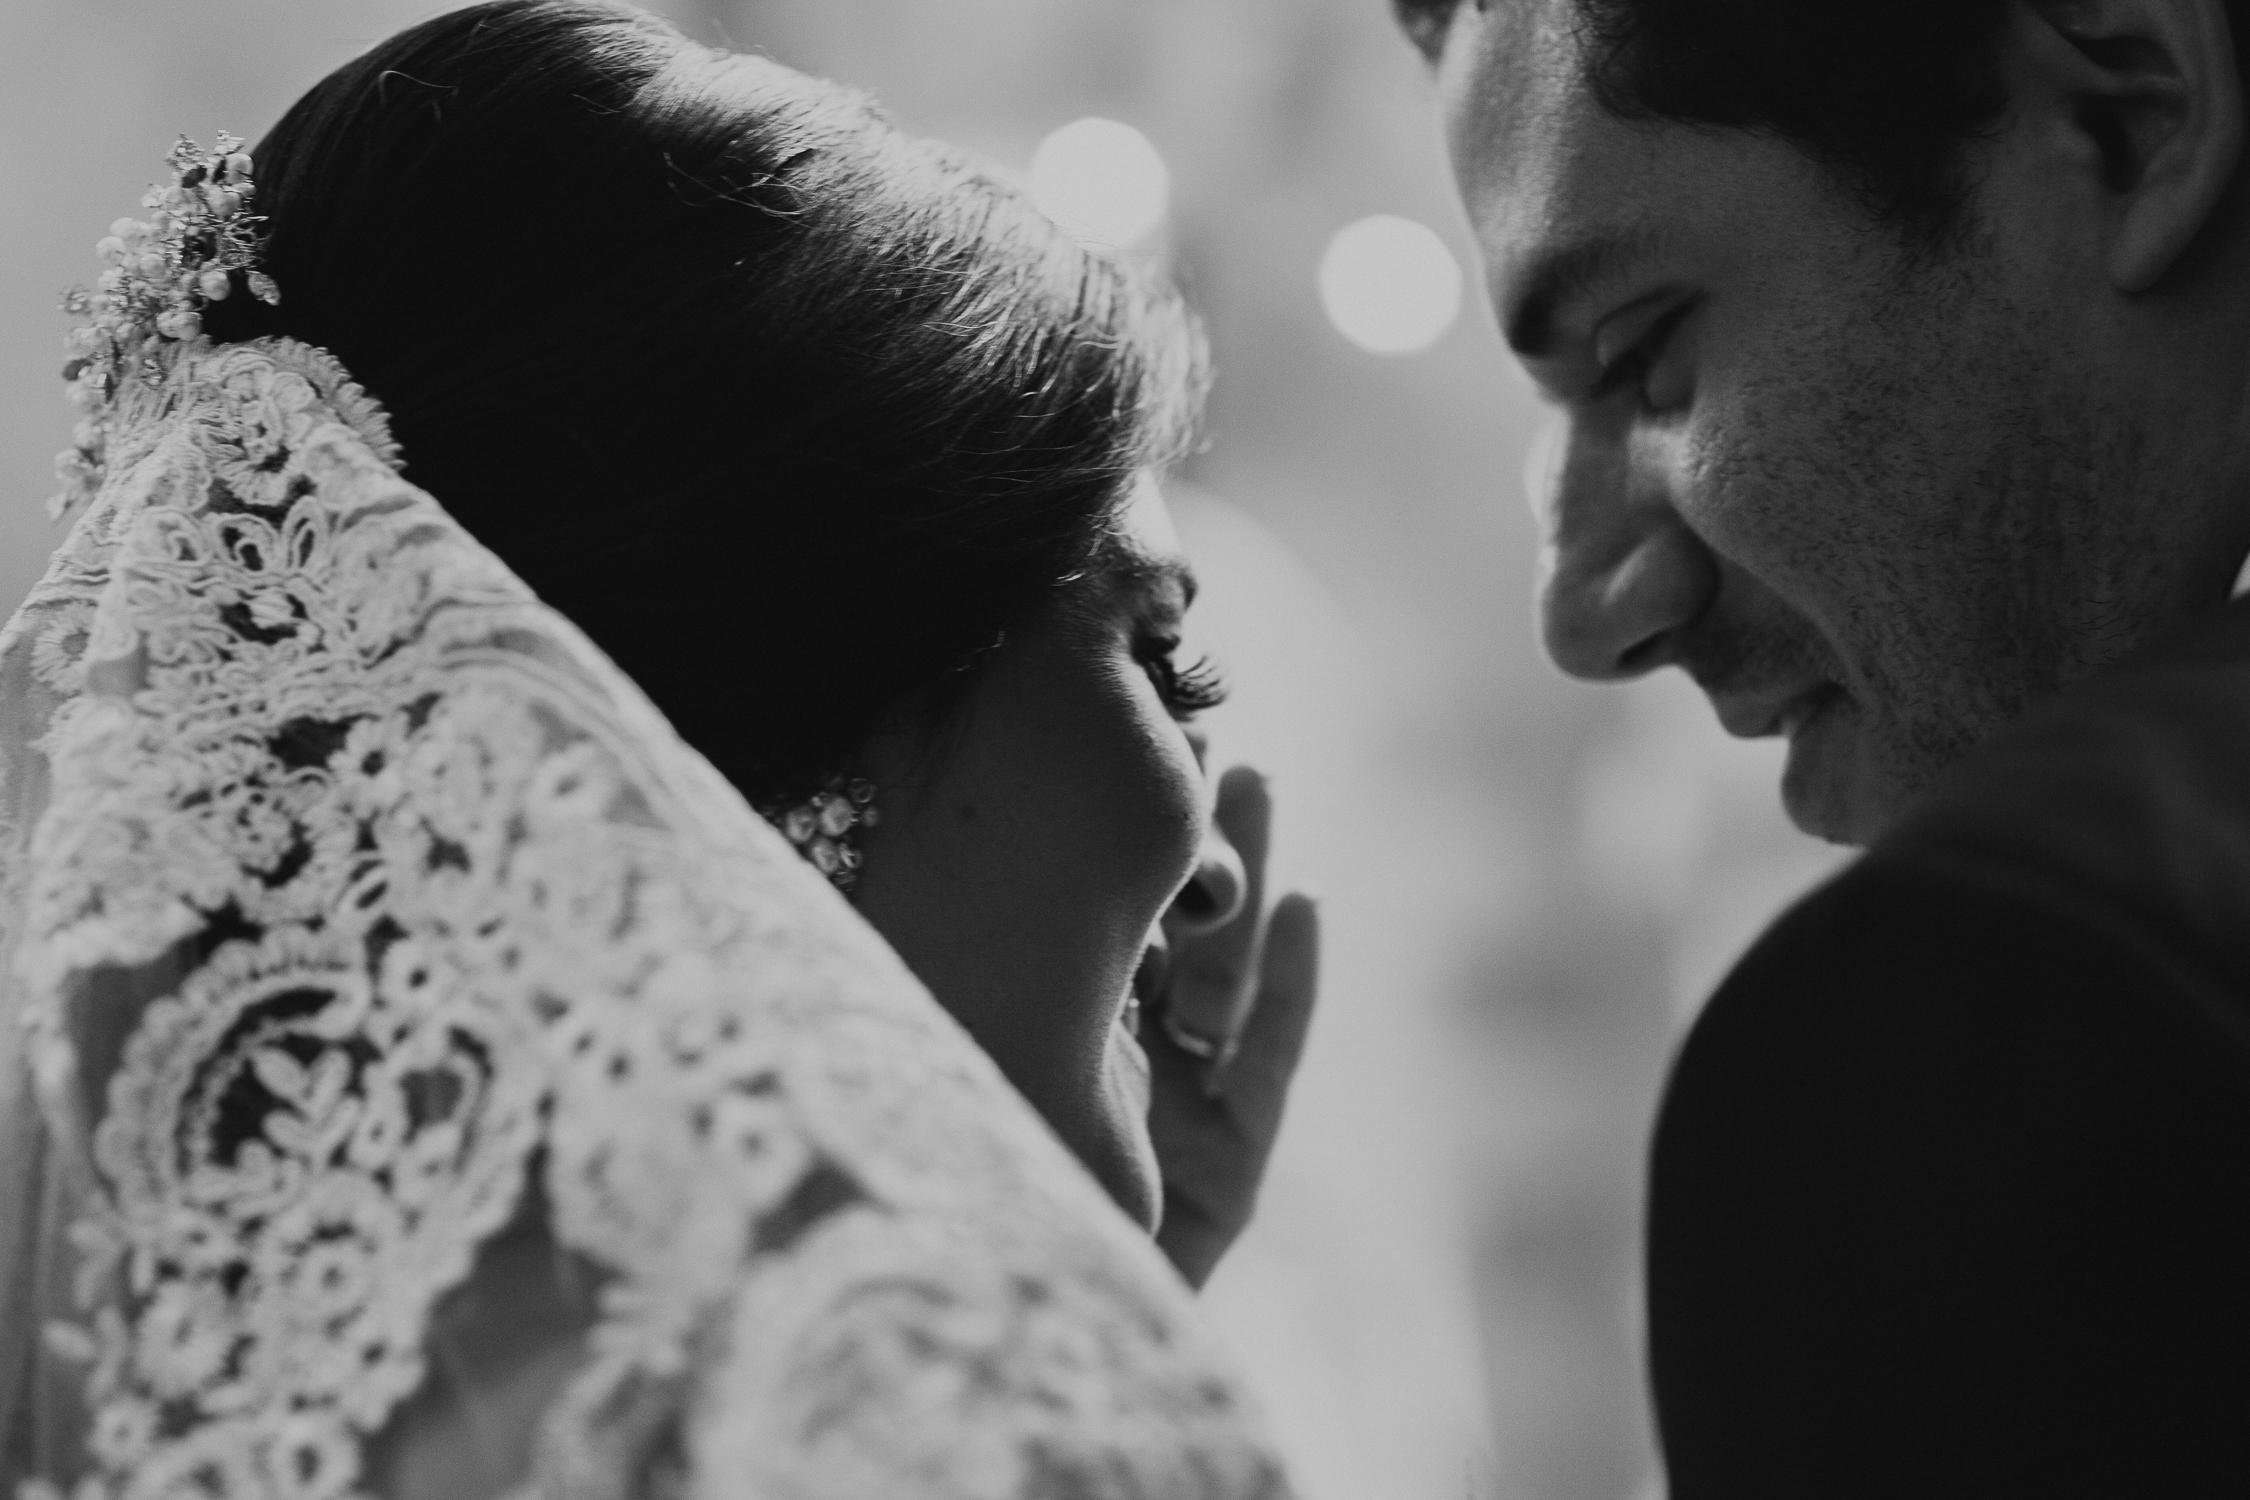 Michelle-Agurto-Fotografia-Bodas-Ecuador-Destination-Wedding-Photographer-Cristi-Luis-58.JPG